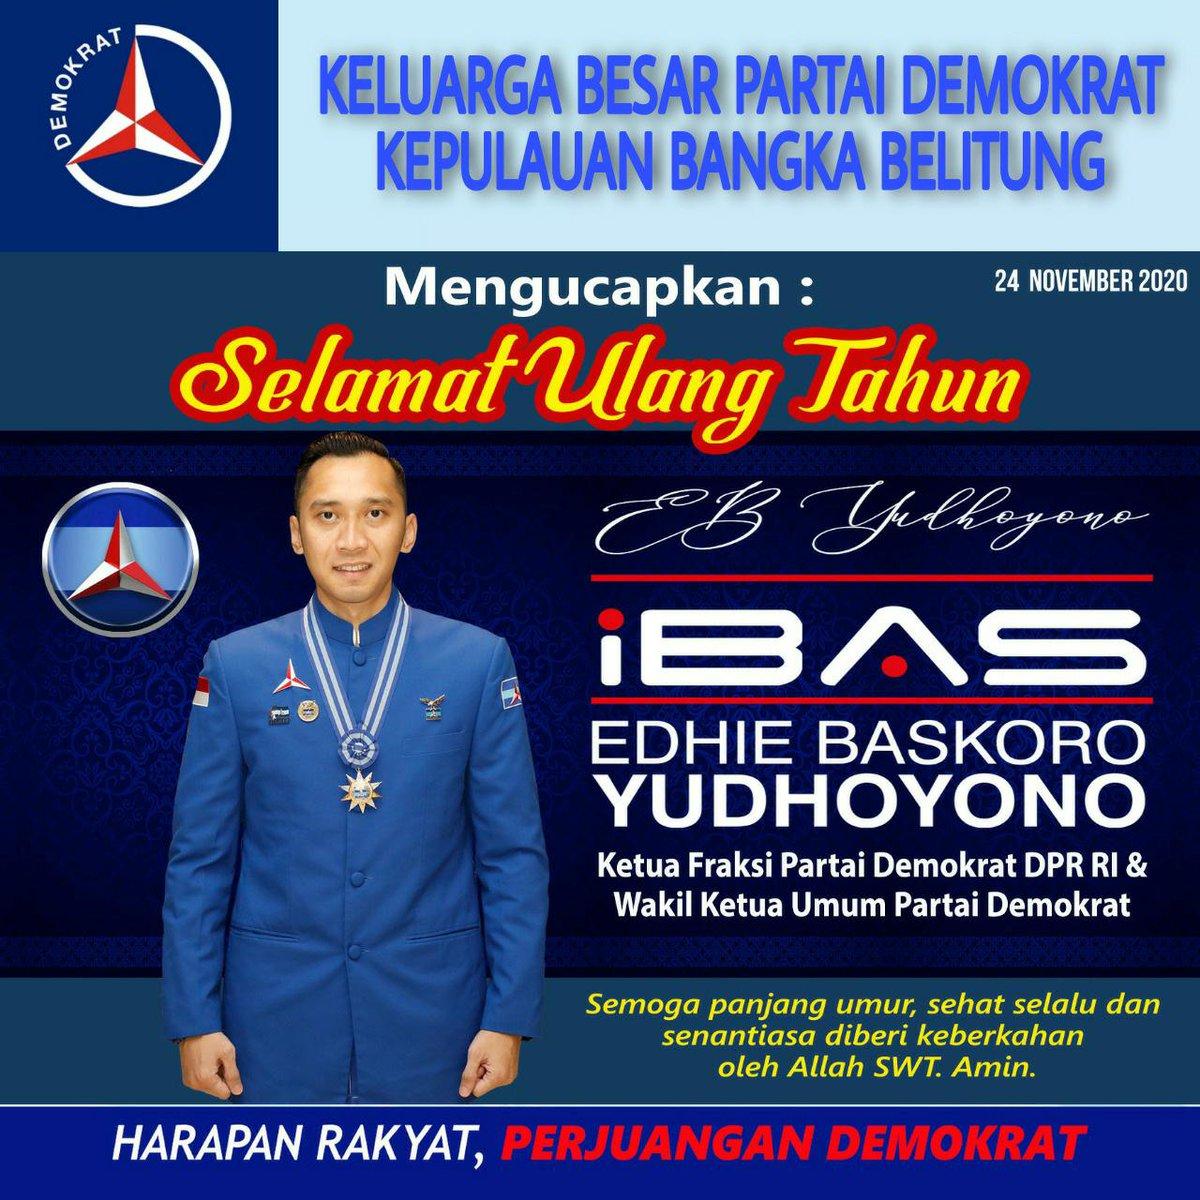 Keluarga besar DPD Partai Demokrat Prov. Bangka Belitung mengucapkan selamat kepada ketua @FPD_DPR yang juga Waketum @PDemokrat, @Edhie_Baskoro yang berulang tahun 24 November kemarin. Semoga selalu diberikan kesehatan dan keberkahan 🙏💙 #latepost #IbasYudhoyono  #PartaiDemokrat https://t.co/5Od7J9gAPA